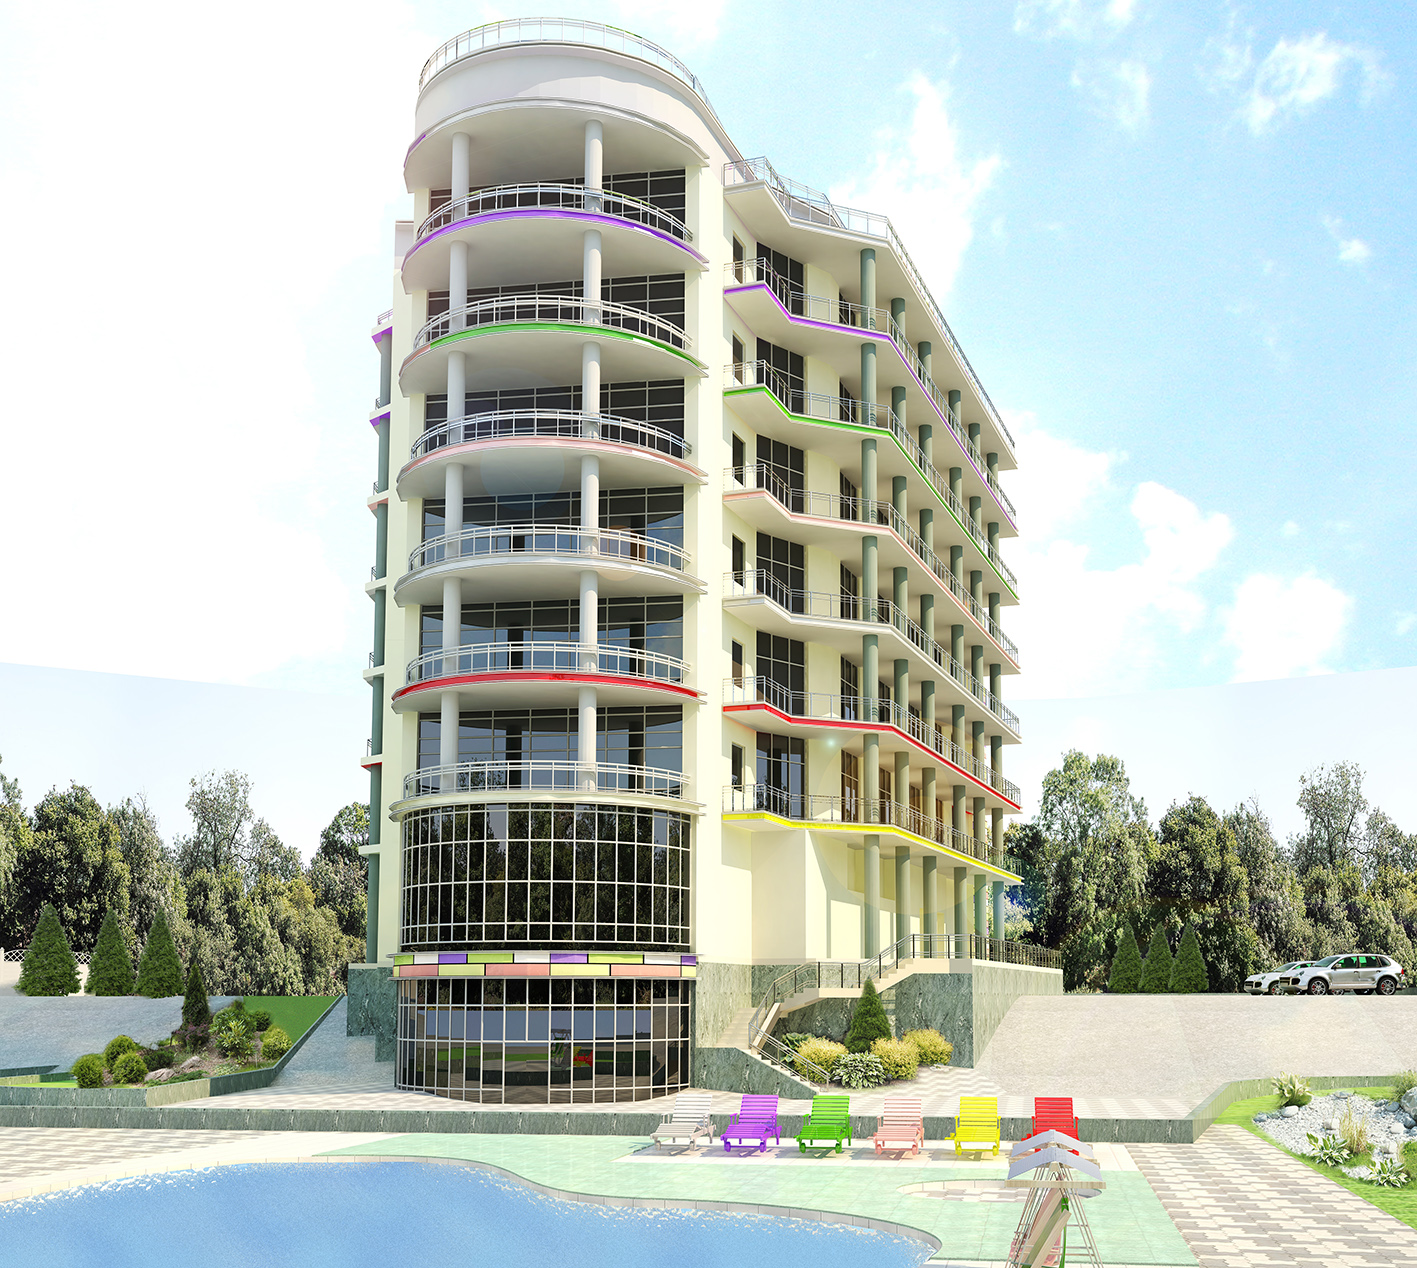 Дизайн фасада современного многоэтажного дома